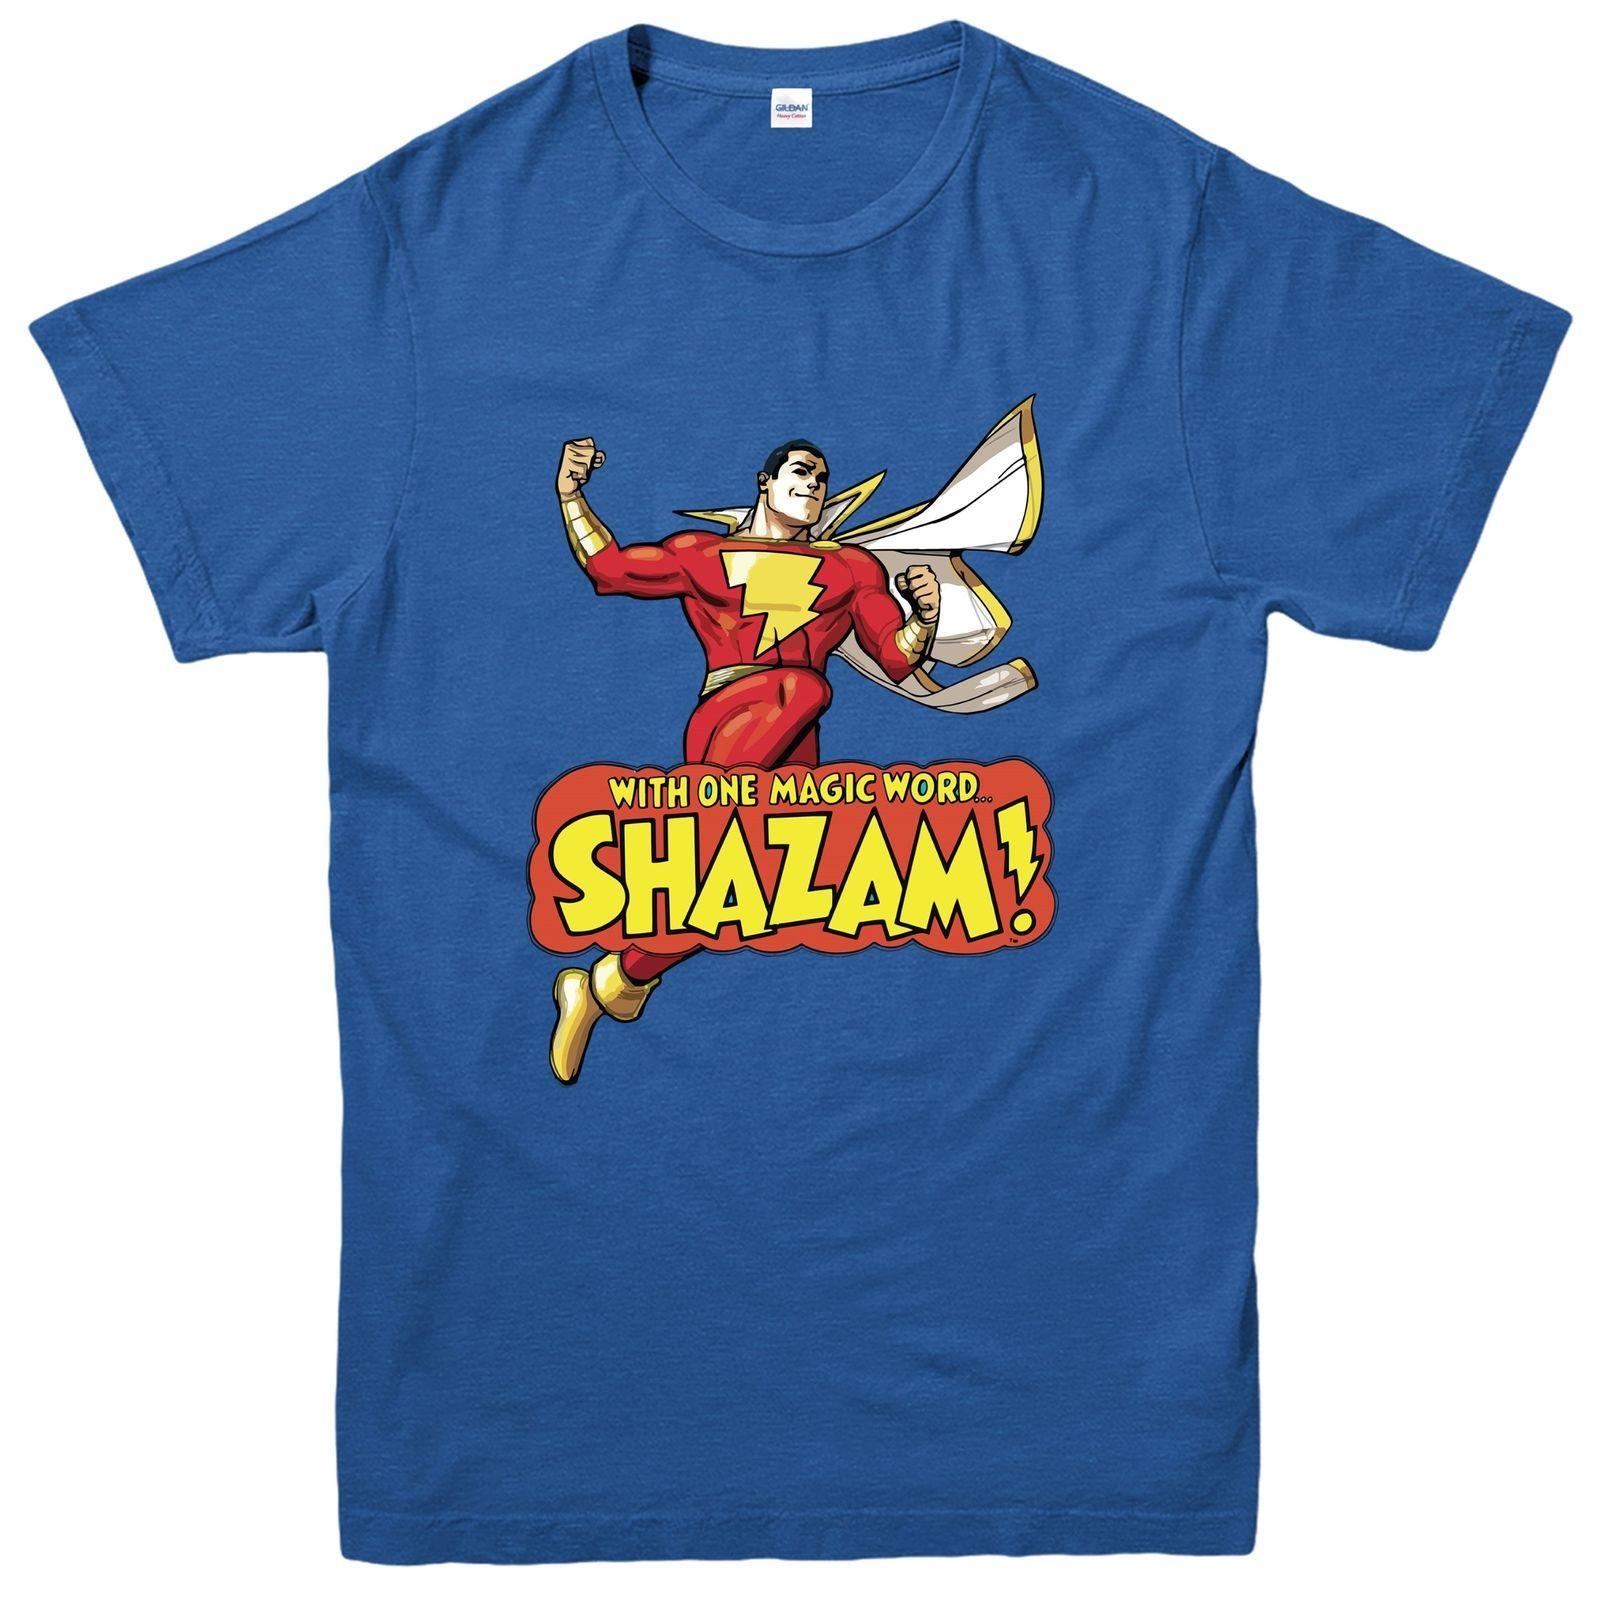 Dc Capitaine Comics ShazamT Héros ShirtShirt Du MarvelSuper Inspiré De WEDH29I